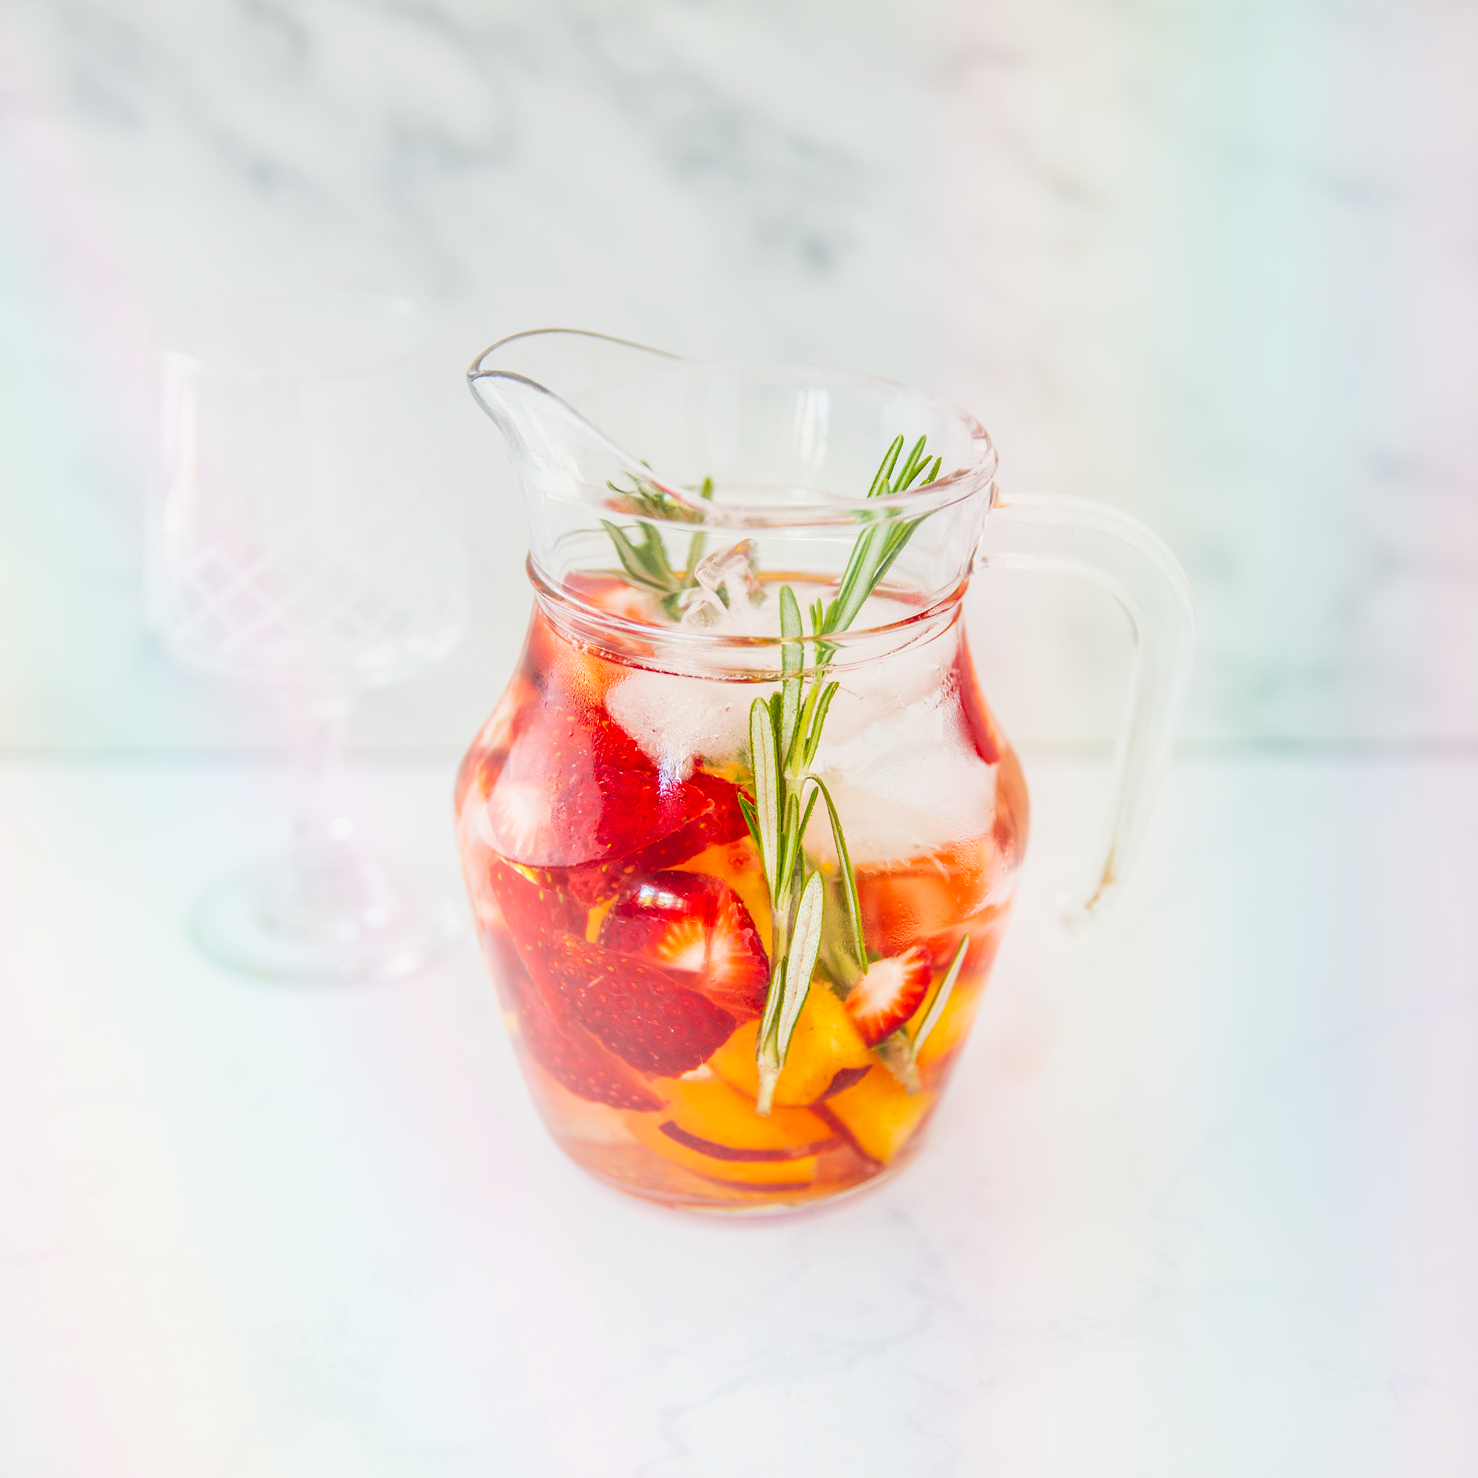 eau infusée aux fraises, nectarines et romarin